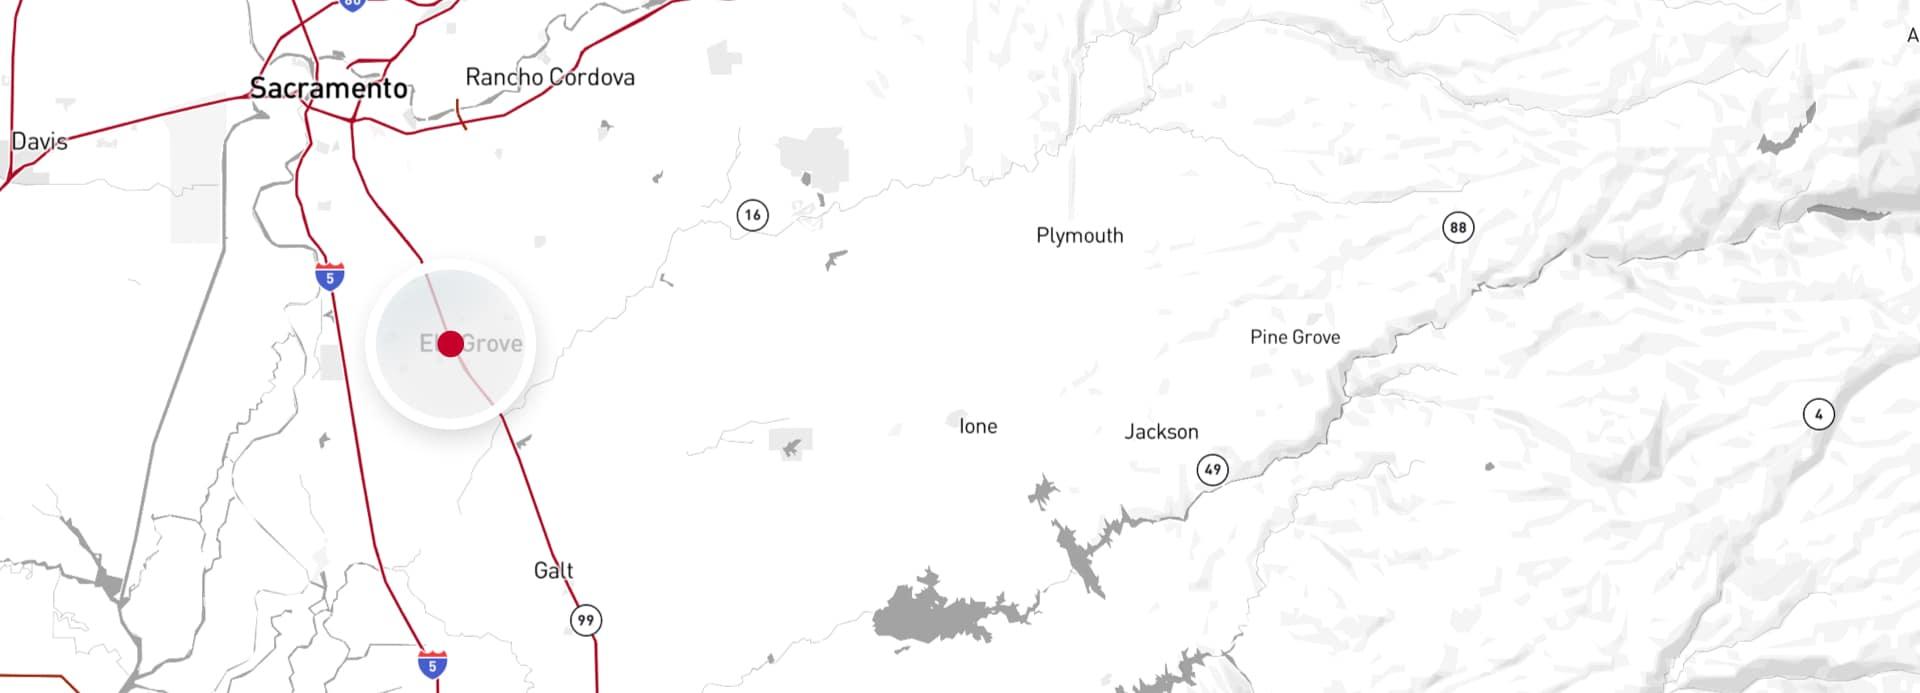 NissanElkGrove_Map